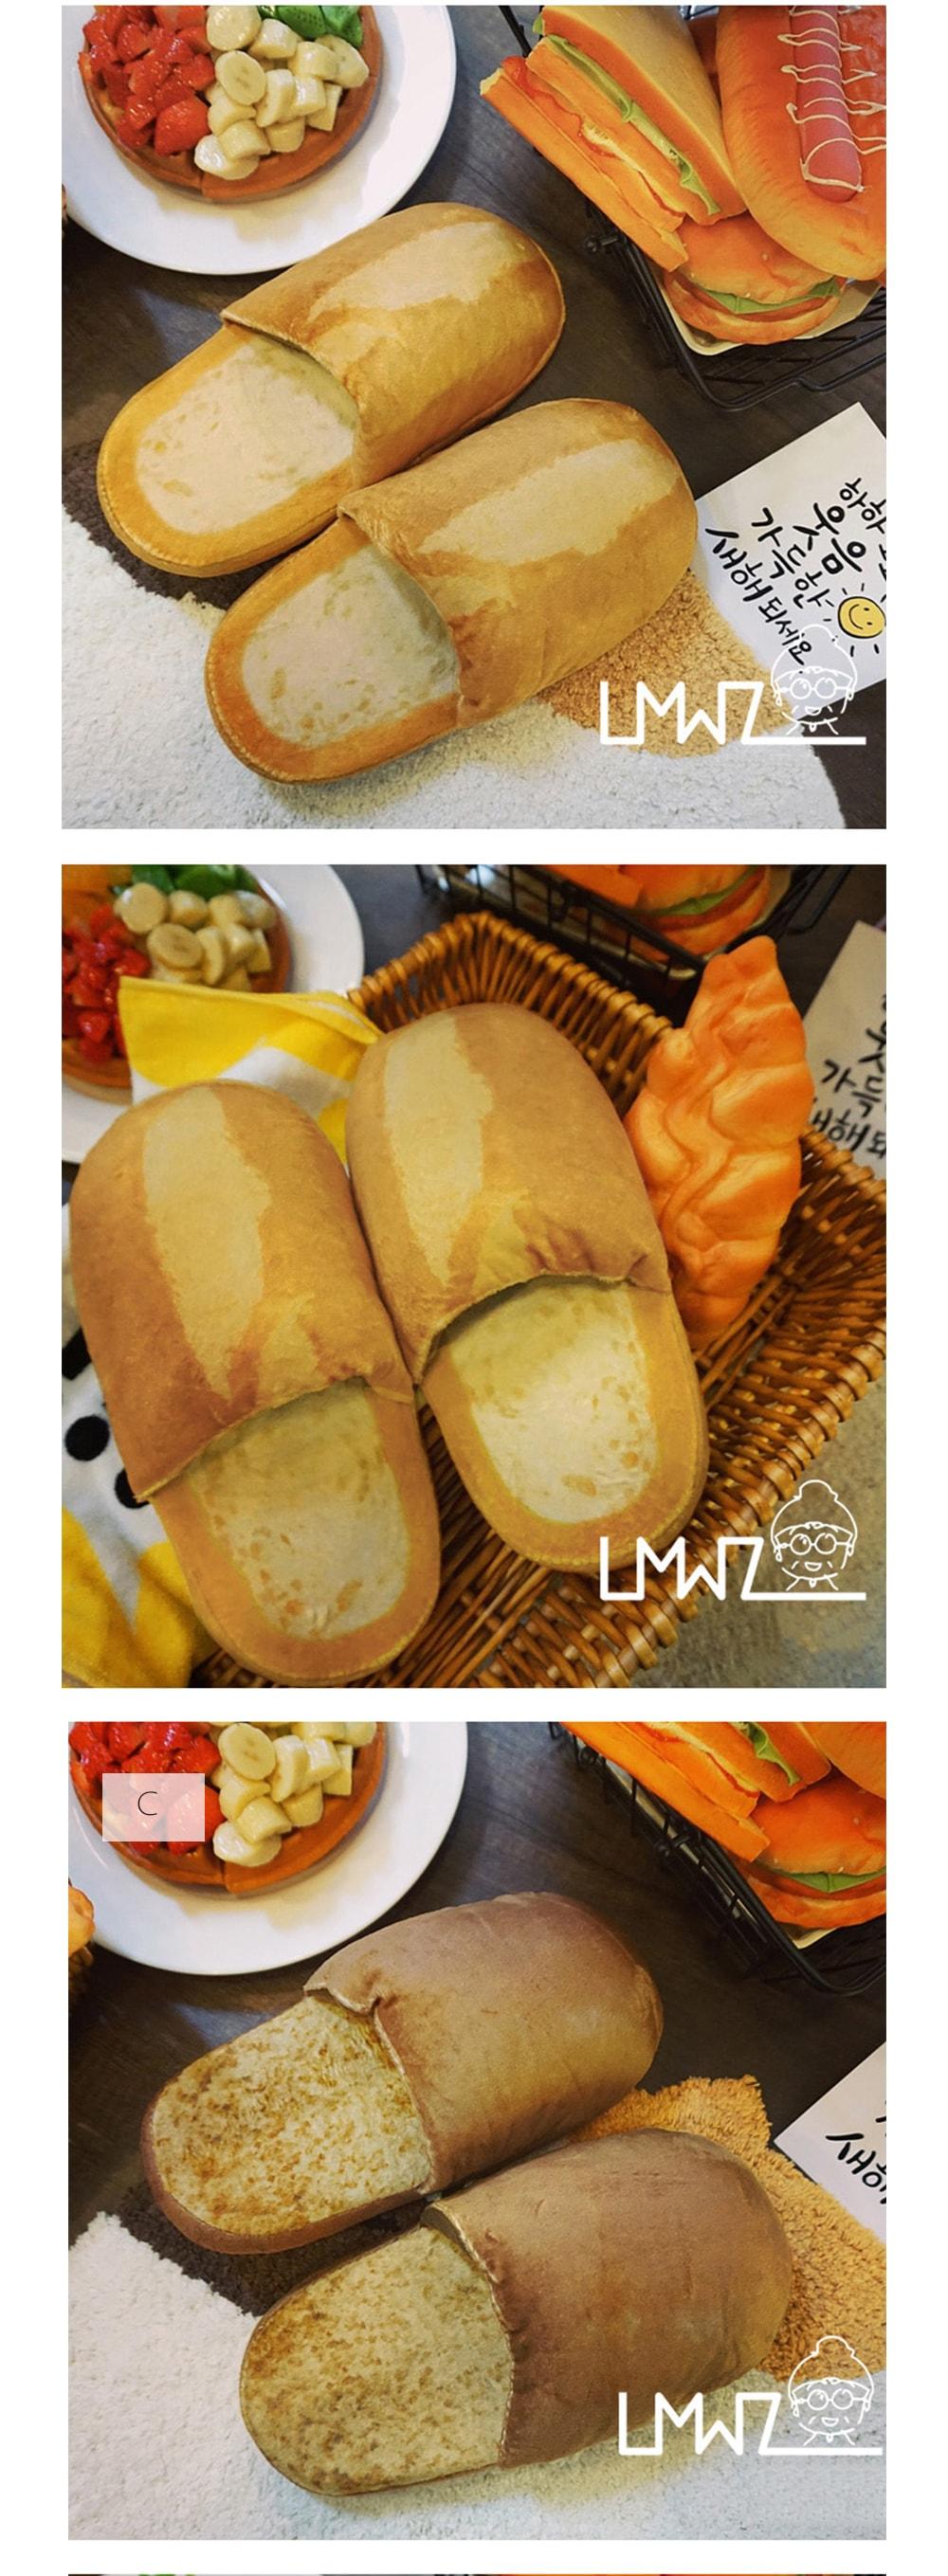 Toast Bread Slipper Slide On Comfort